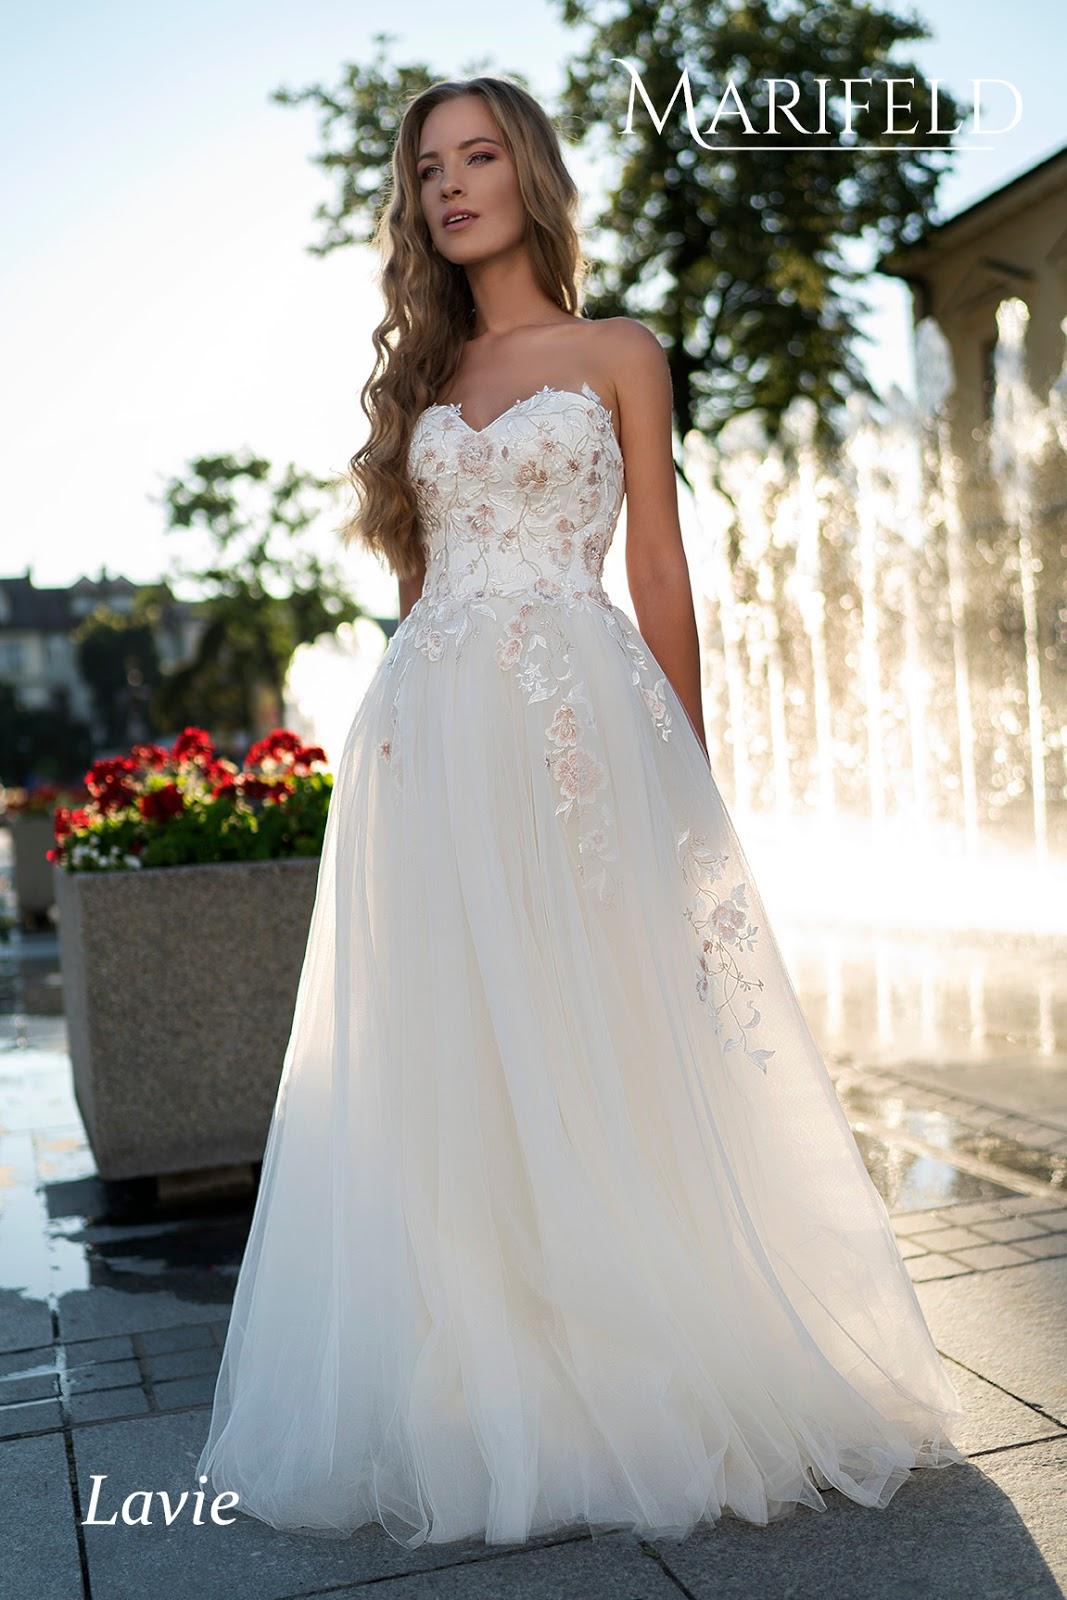 Salon Sukien ślubnych ślubny Zakątek W Limanowej Nowy Sącz Mszana